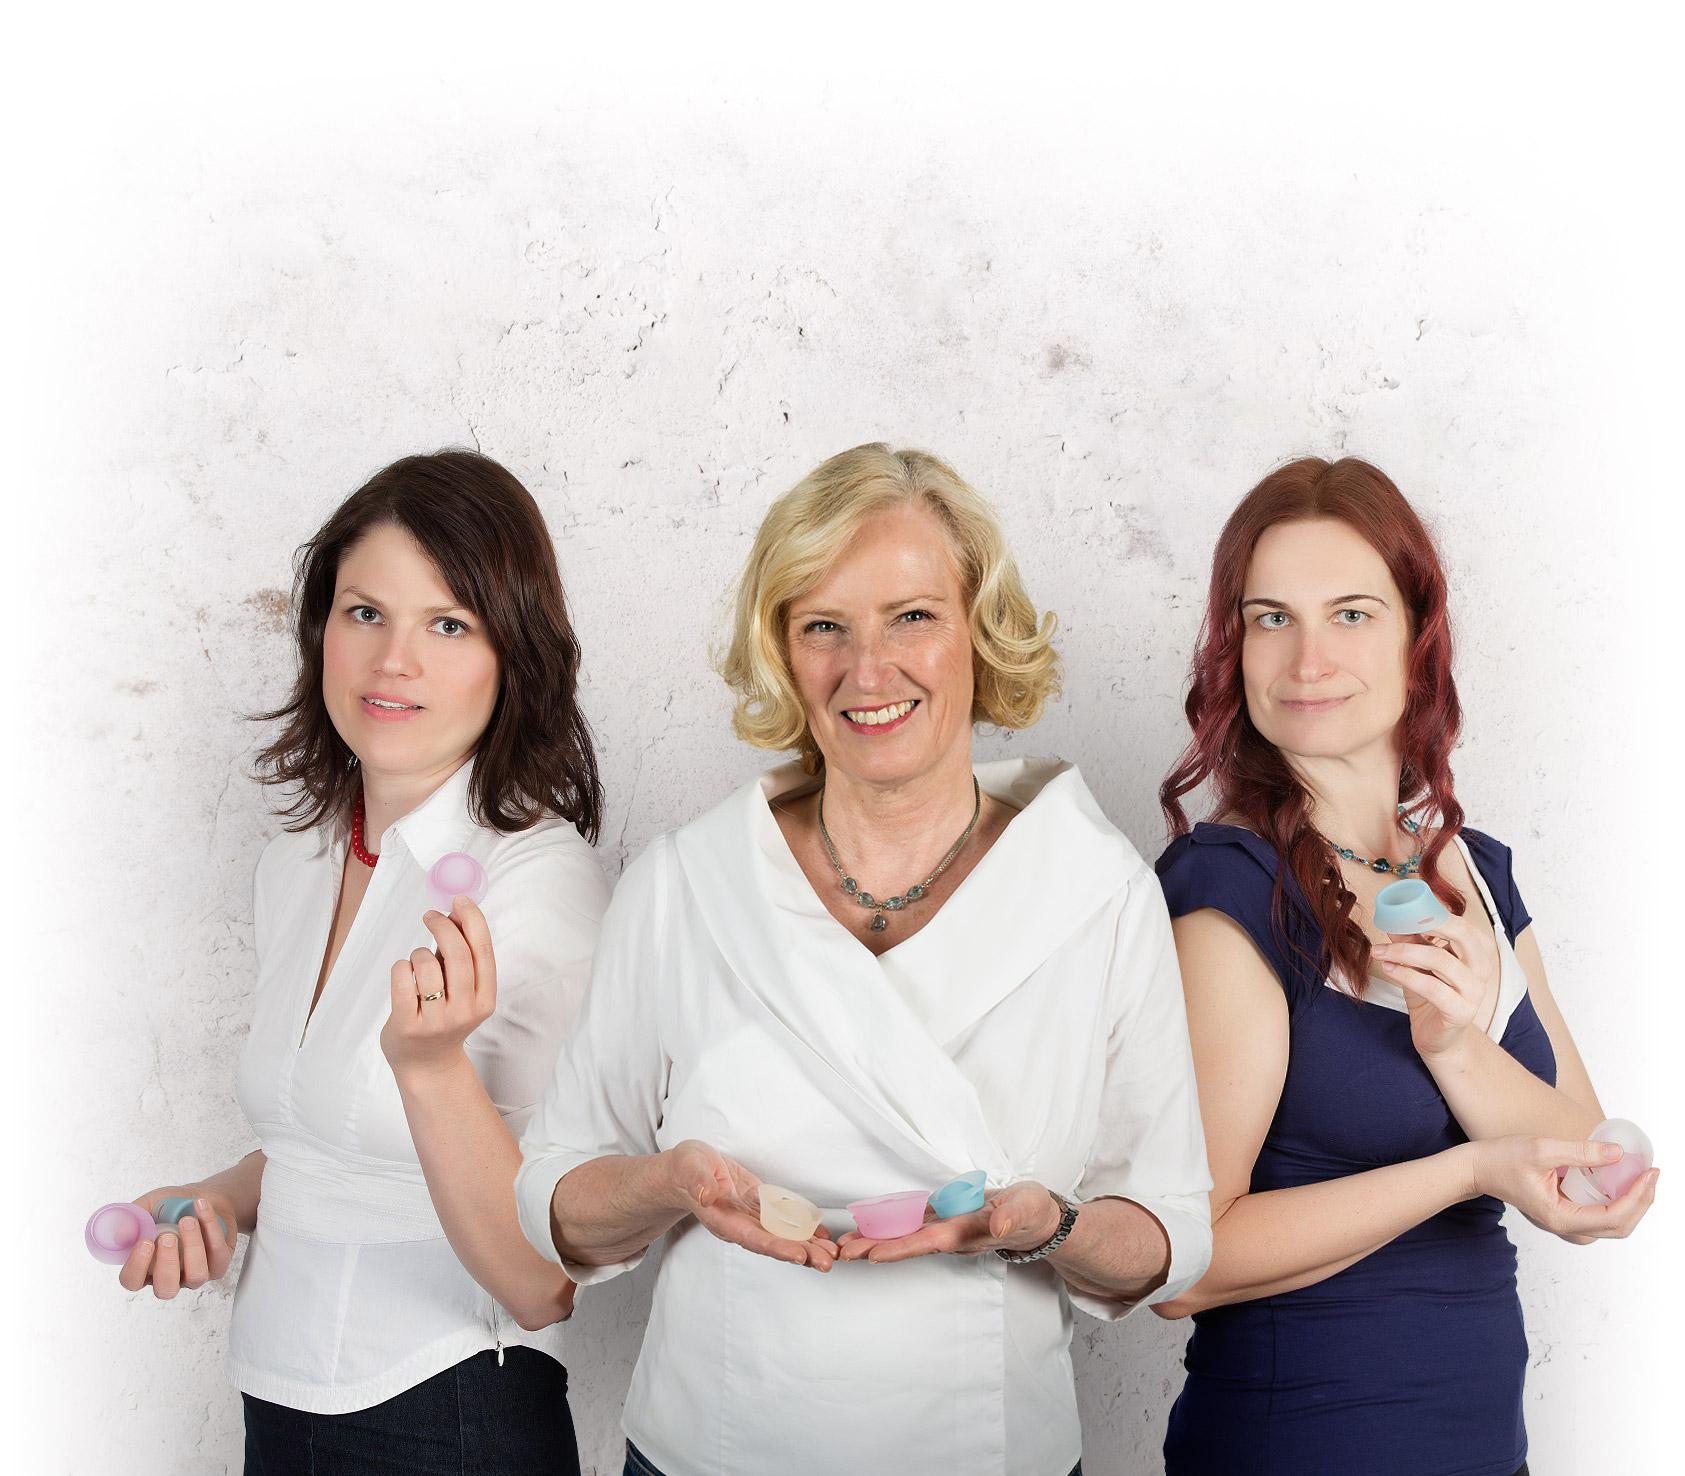 Ing. Katerina Kadlecova (CZ), Birgit Linderoth (SWE), MD Stepanka Pestova (CZ)